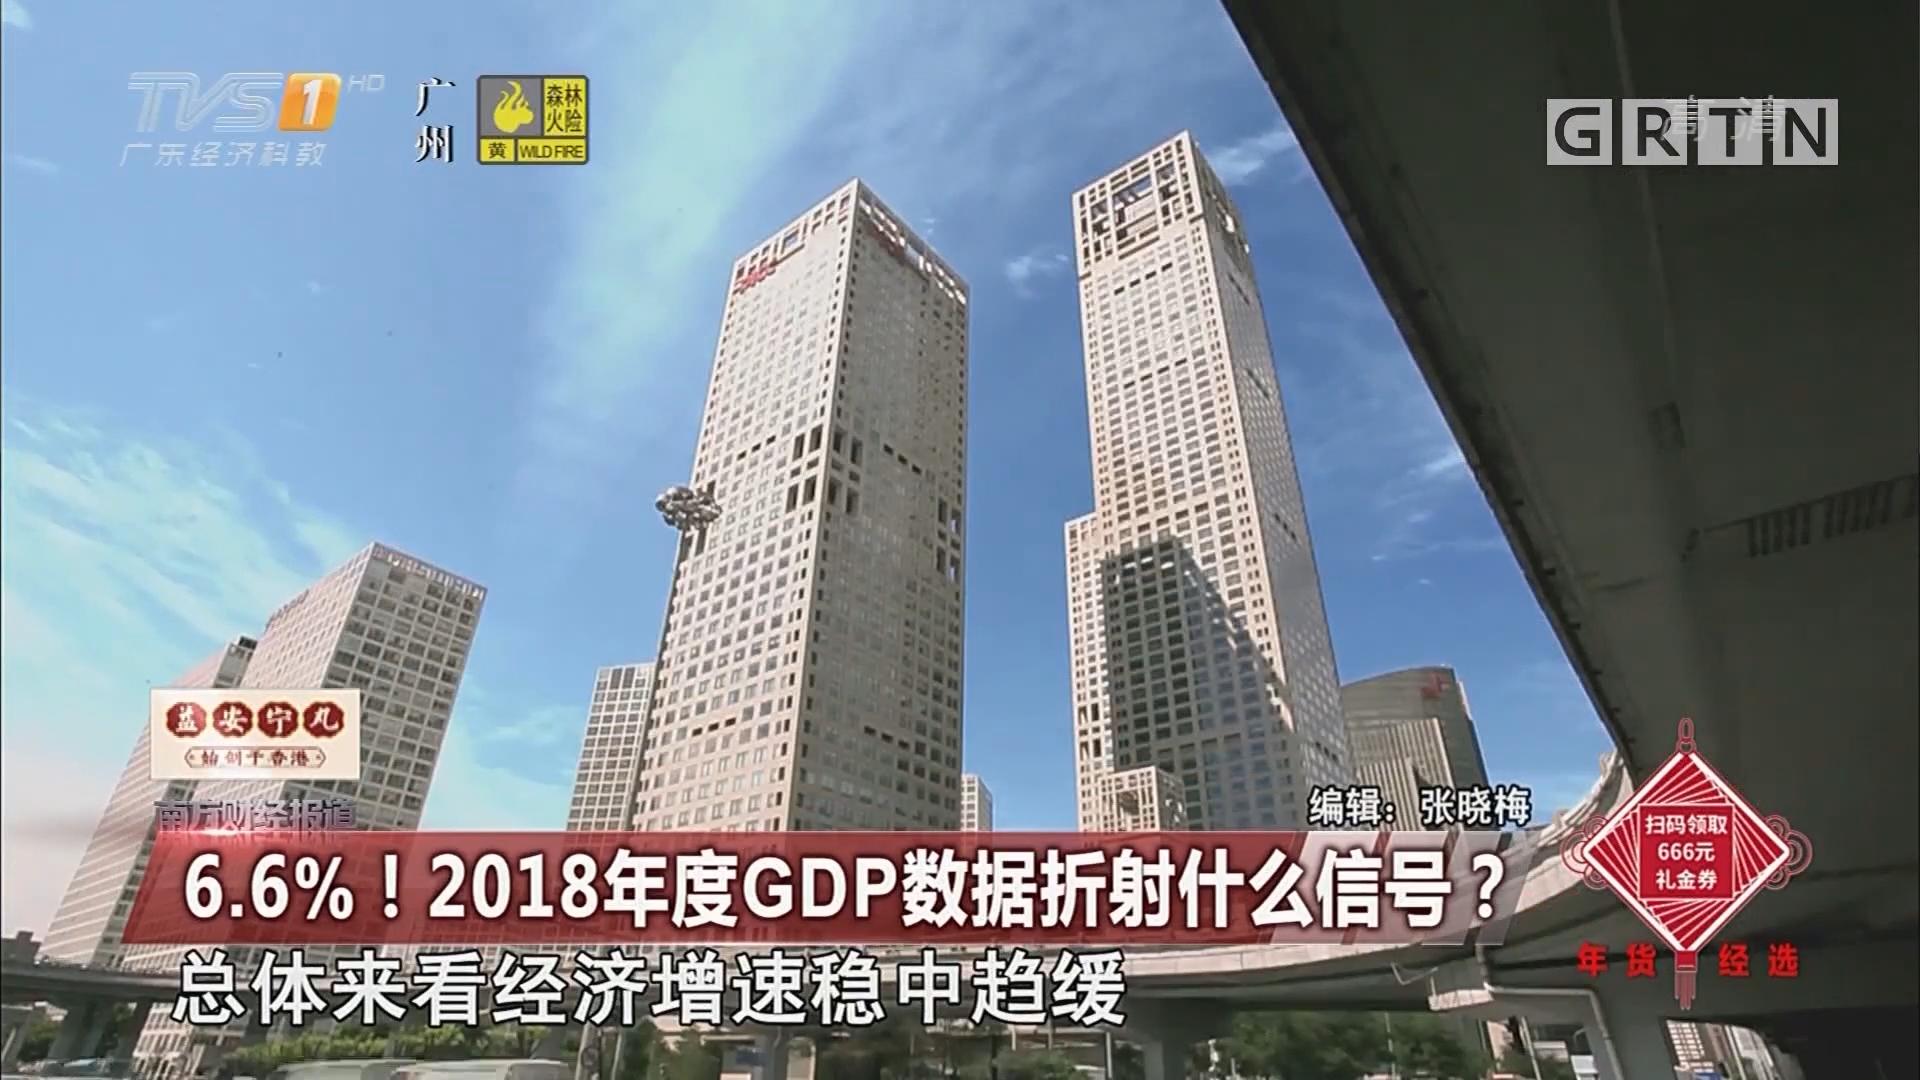 6.6%!2018年度GDP数据折射什么信号?